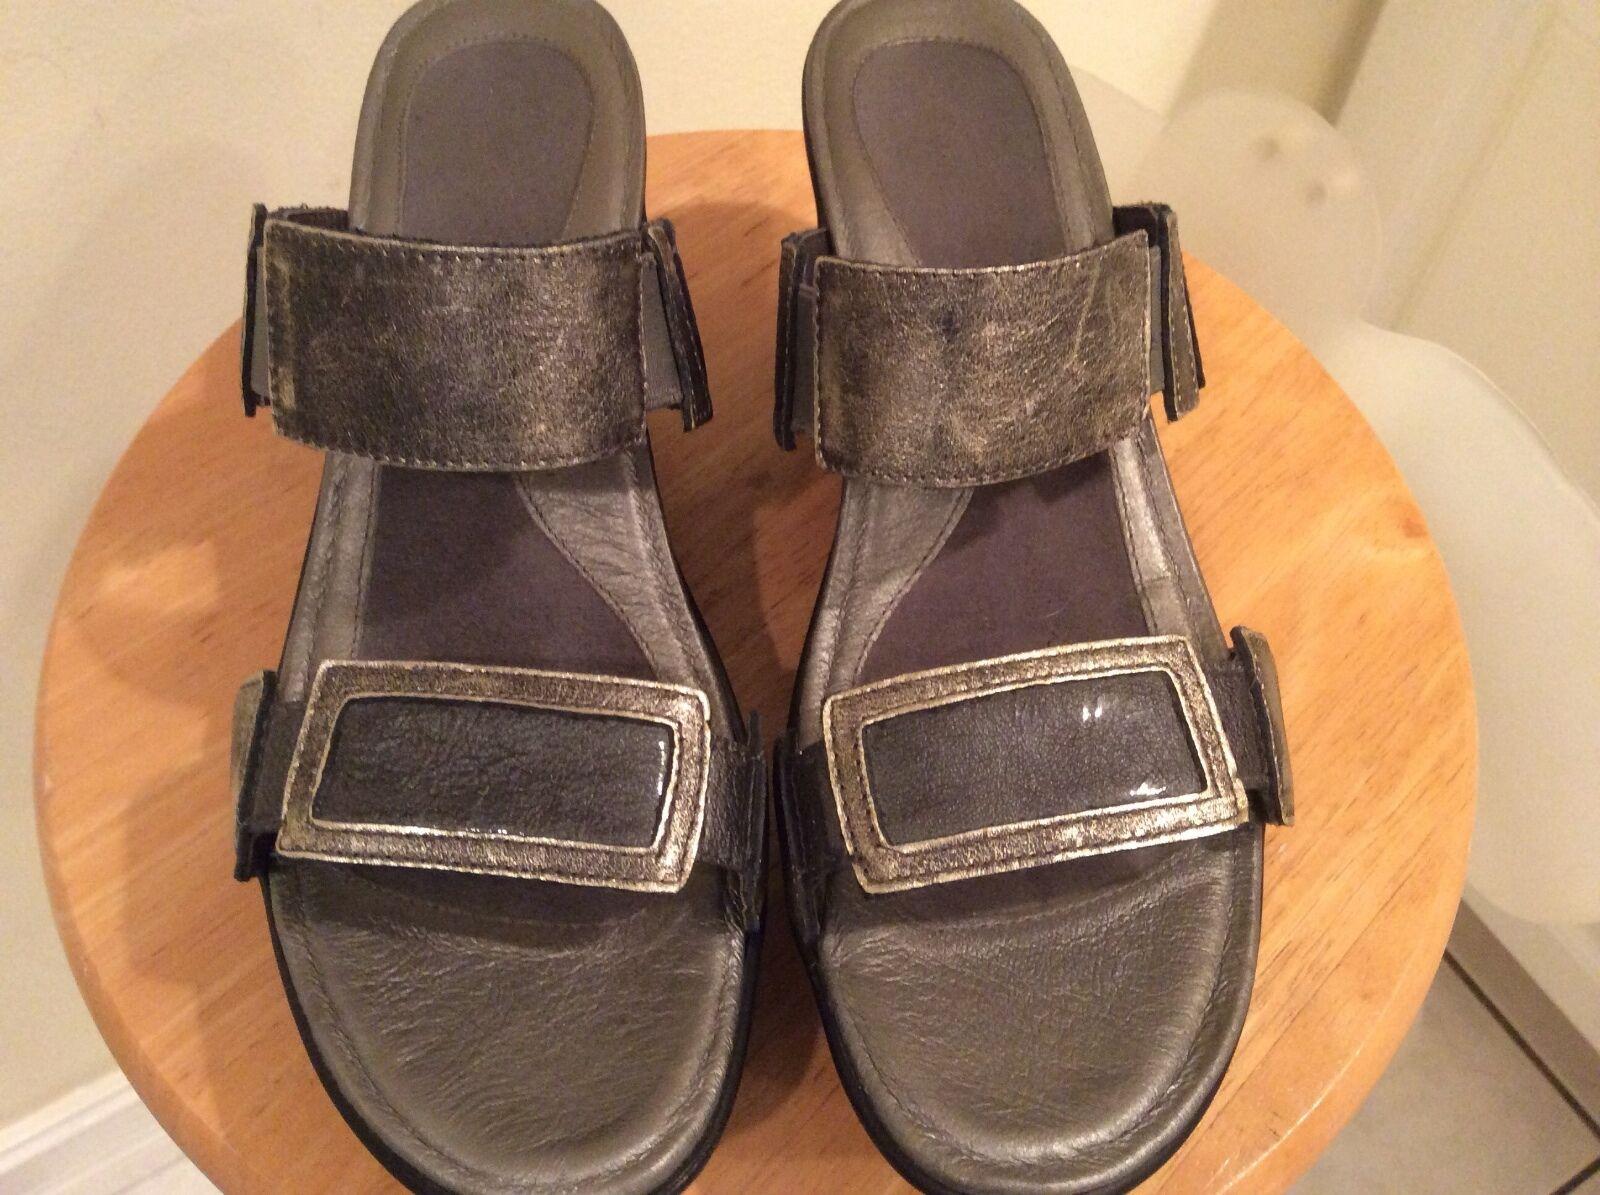 NAOT silver svart Platform Wedge Sandals EXCELLENT 41.5 -10biler -10biler -10biler Treasure Heel  Kvalitetssäkring